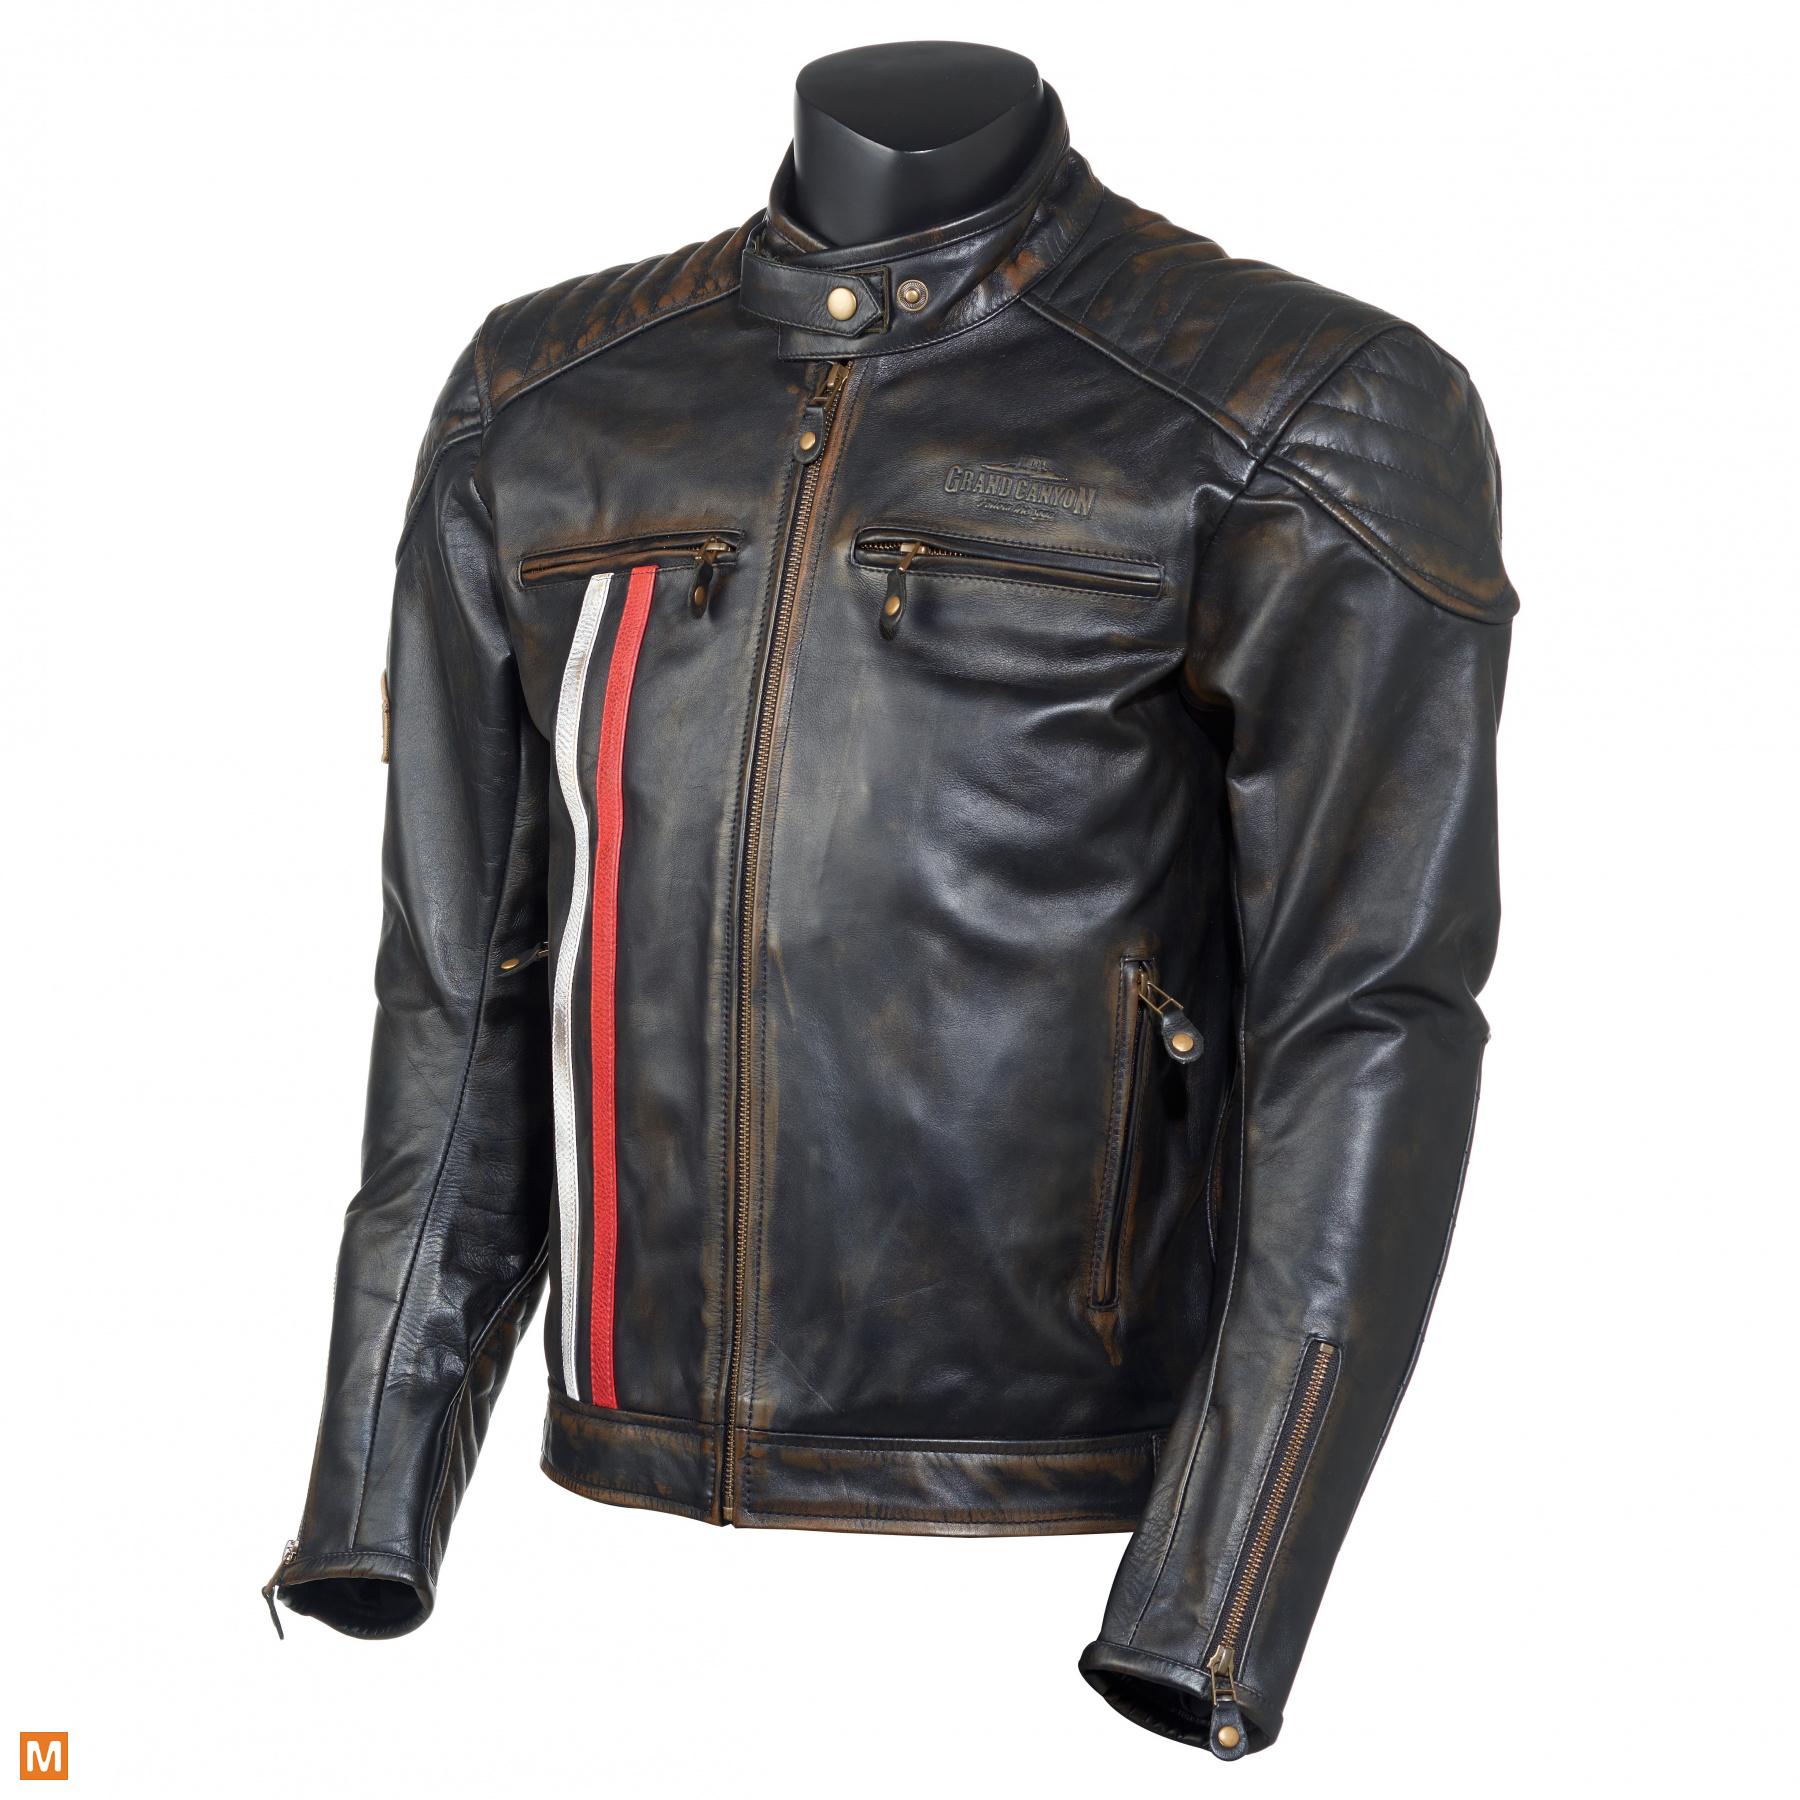 Leren motorjassen MotorkledingOutlet.nl